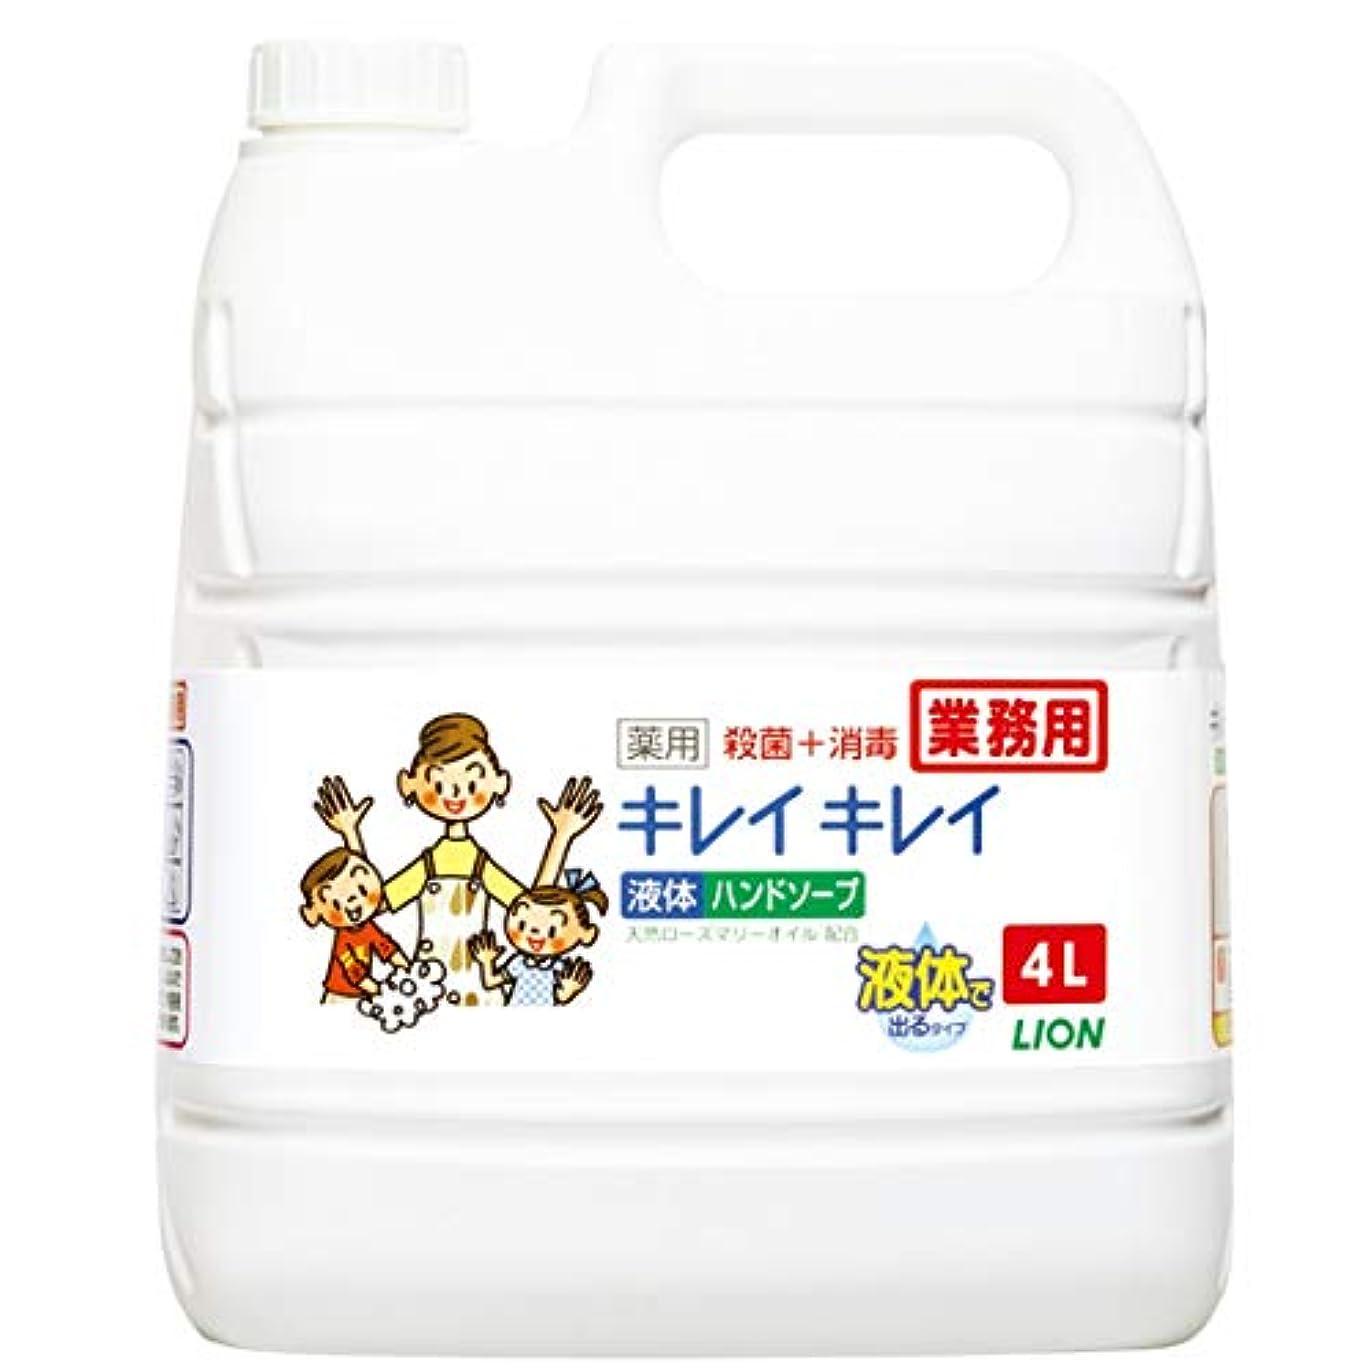 渇き有名けん引【業務用 大容量】キレイキレイ 薬用 ハンドソープ  4L(医薬部外品)